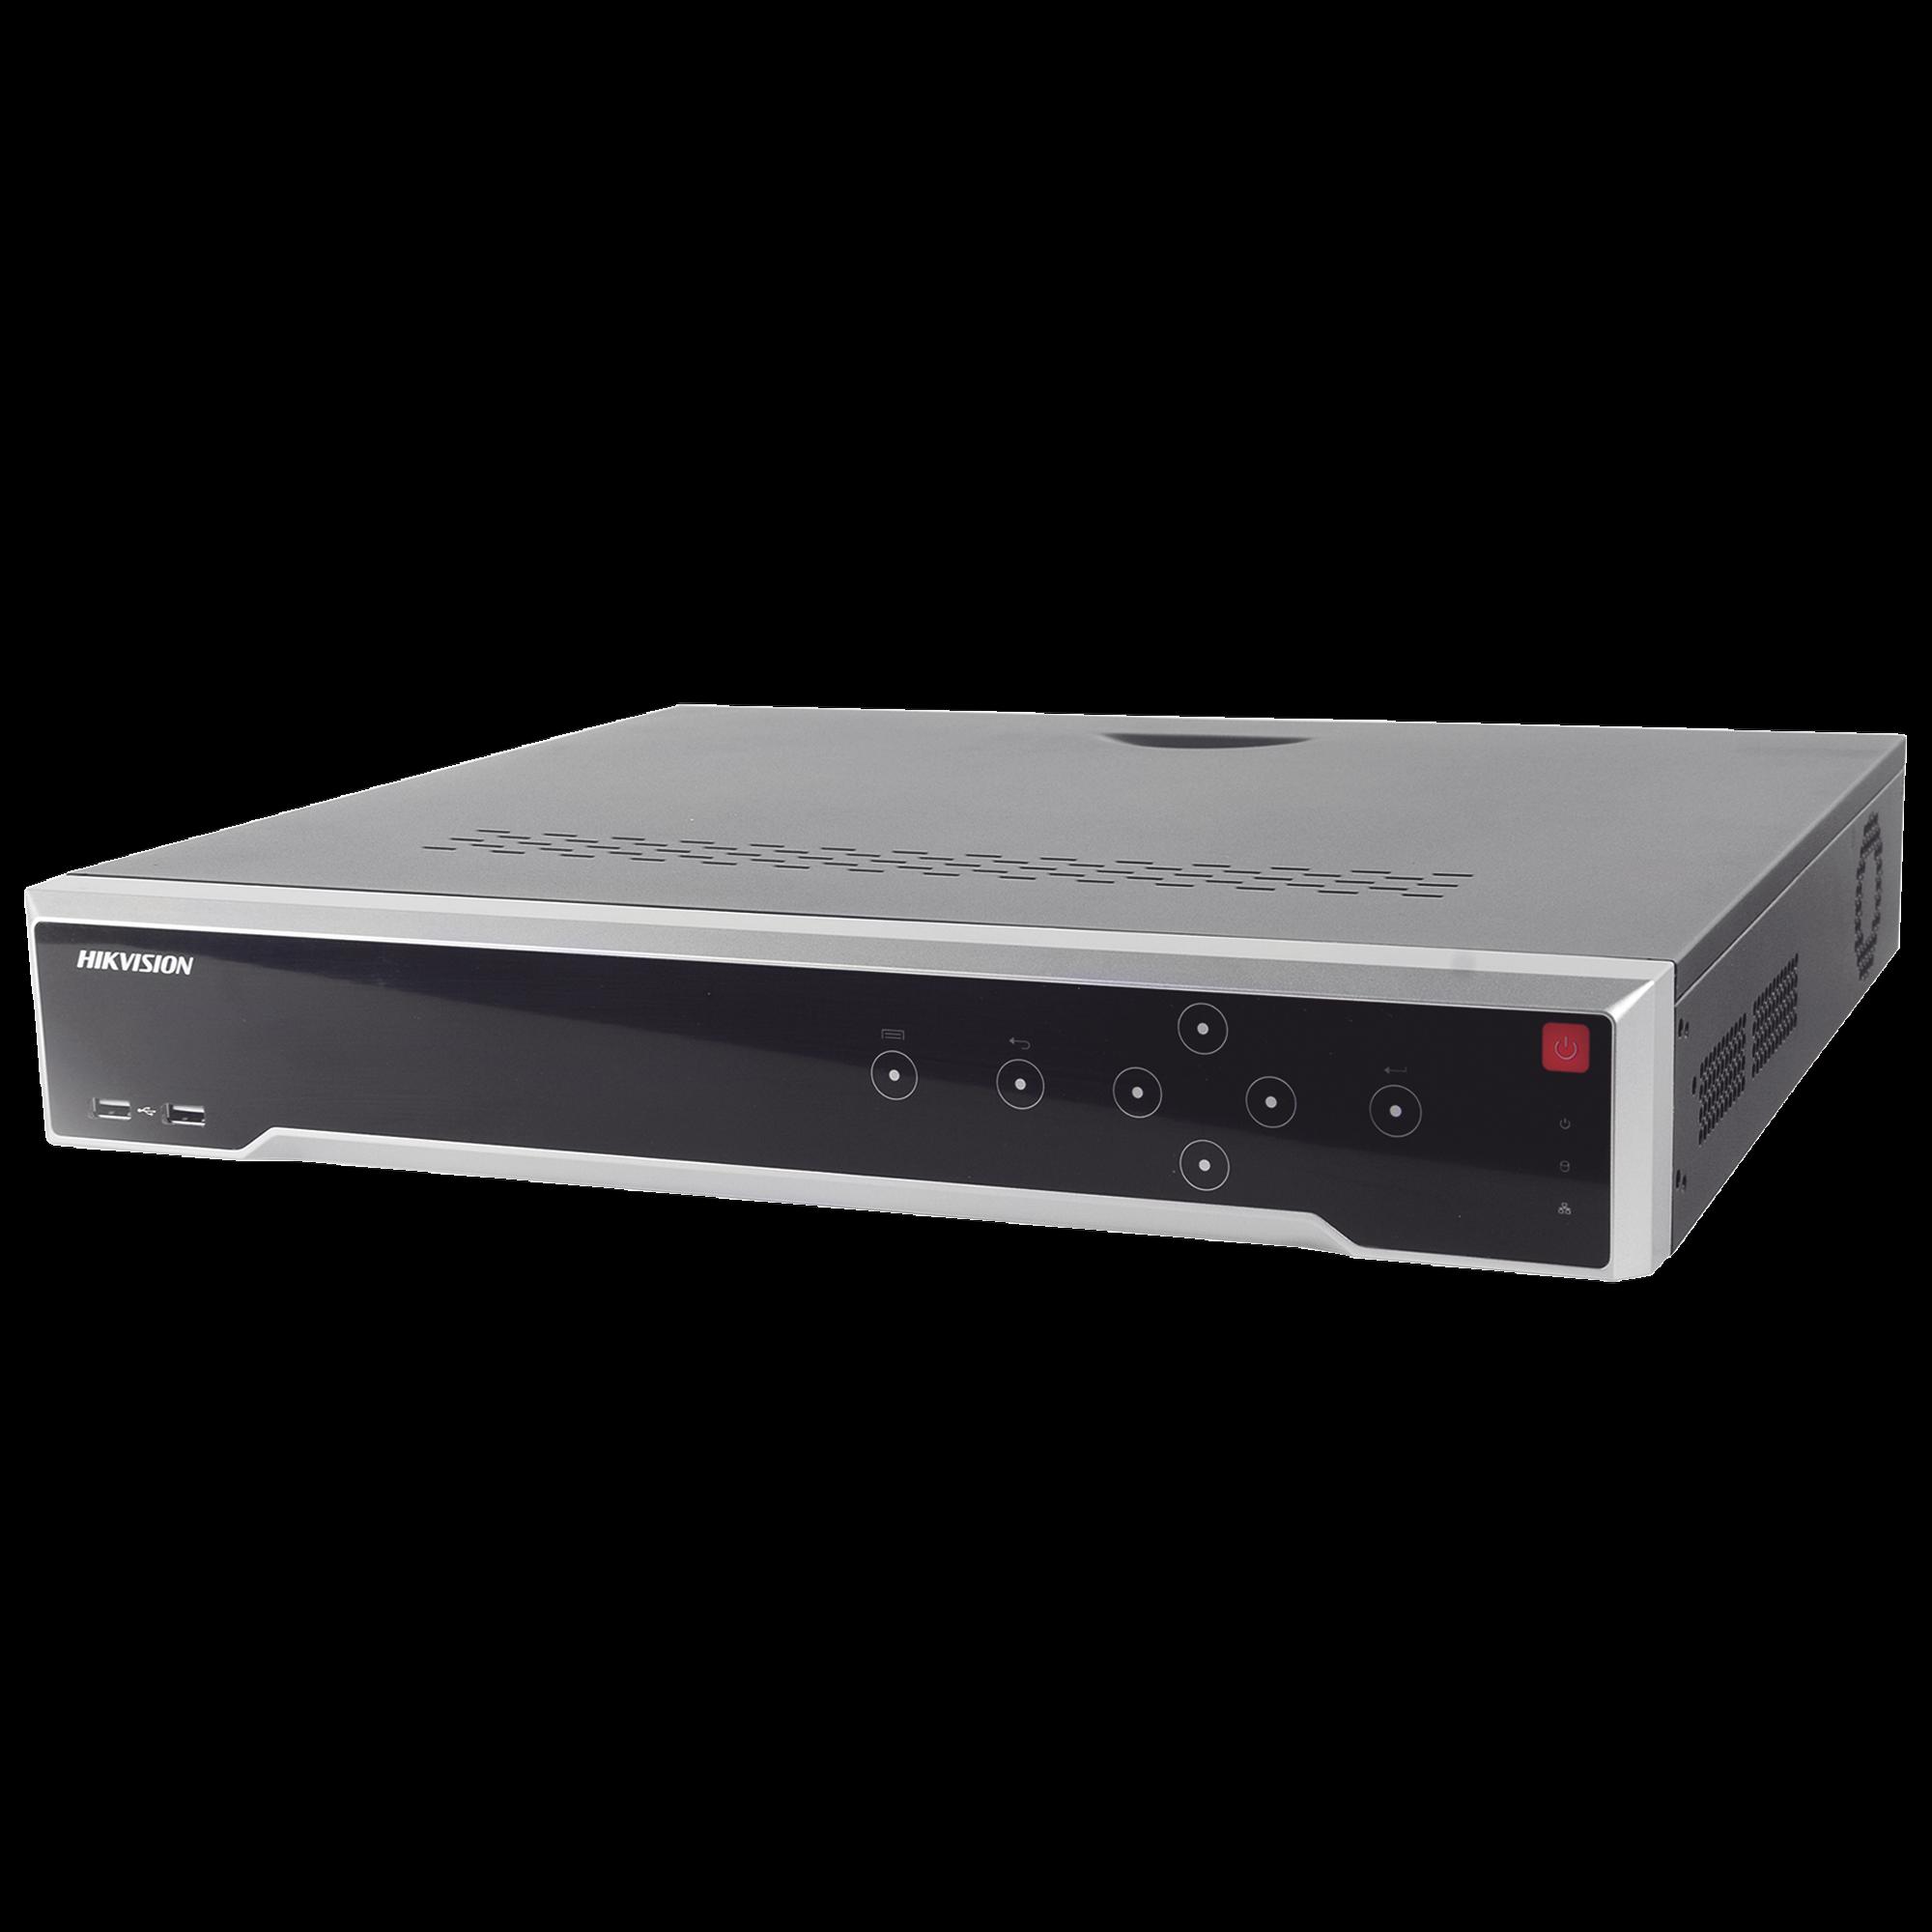 NVR 12 Megapixel (4K) / 16 canales IP / 16 Puertos PoE+ / 4 Bahías de Disco Duro / Switch PoE 300 mts / HDMI en 4K / Soporta POS